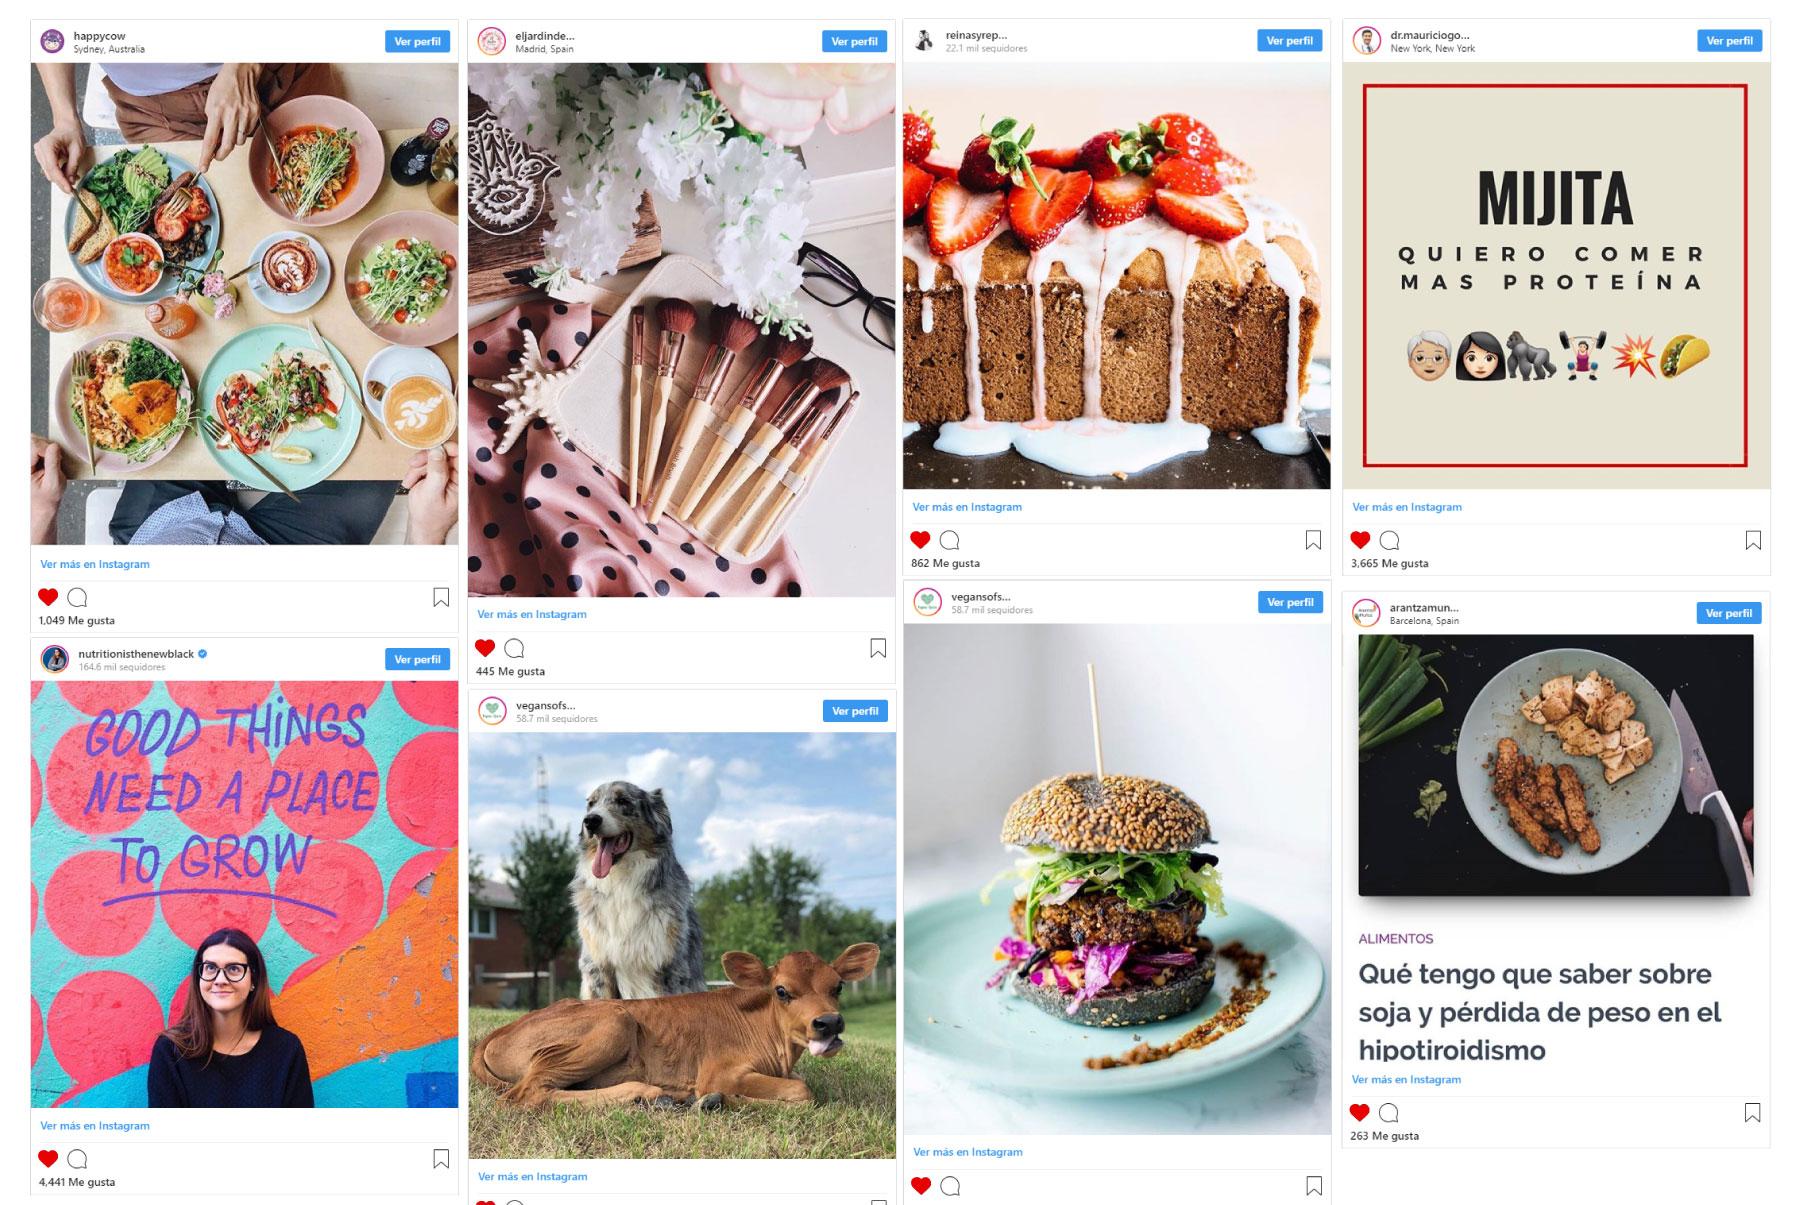 Cuentas instagram influencers veganismo vegetarianismo recetas nutricion